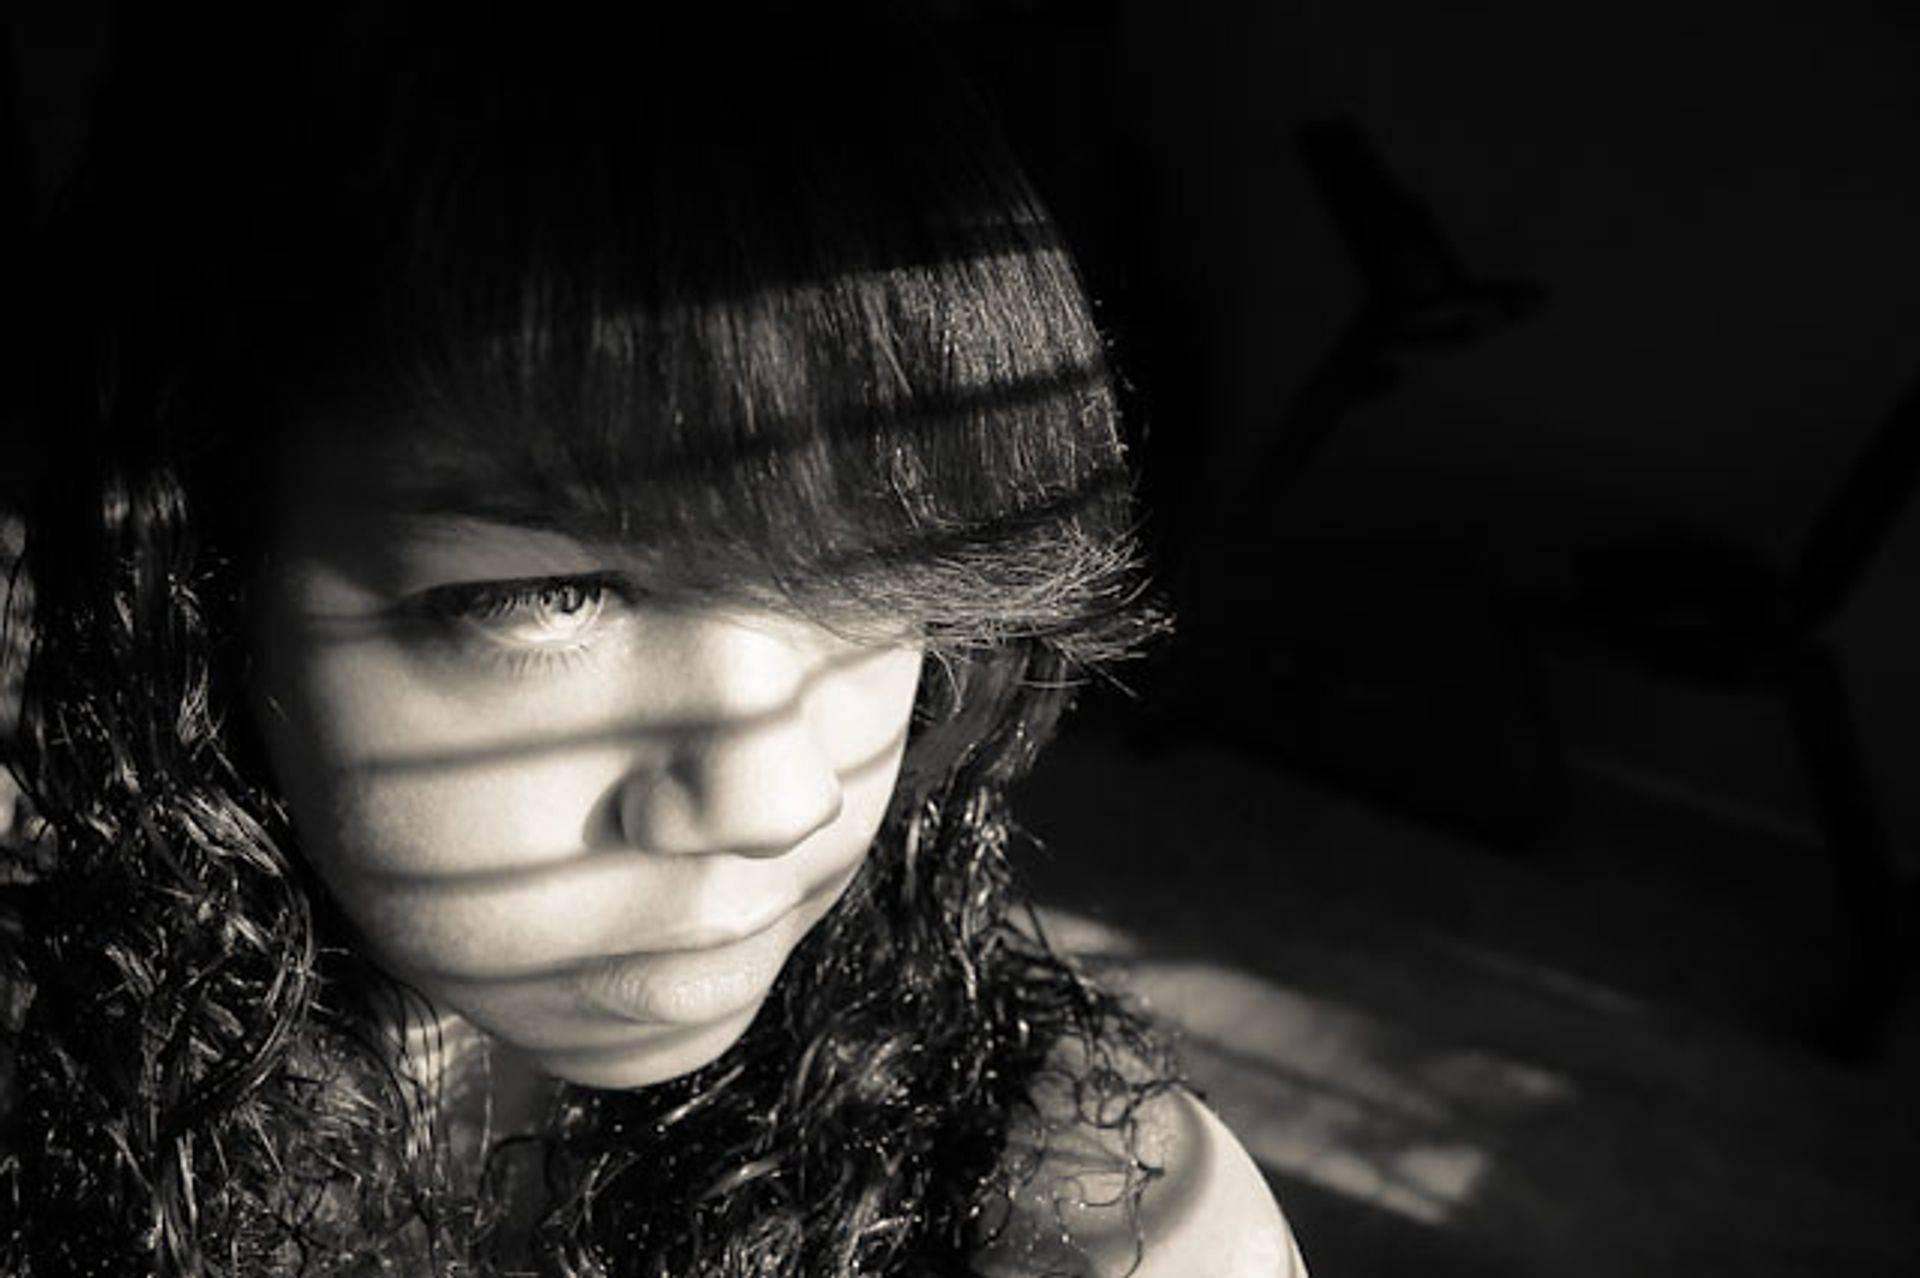 isolation, loneliness